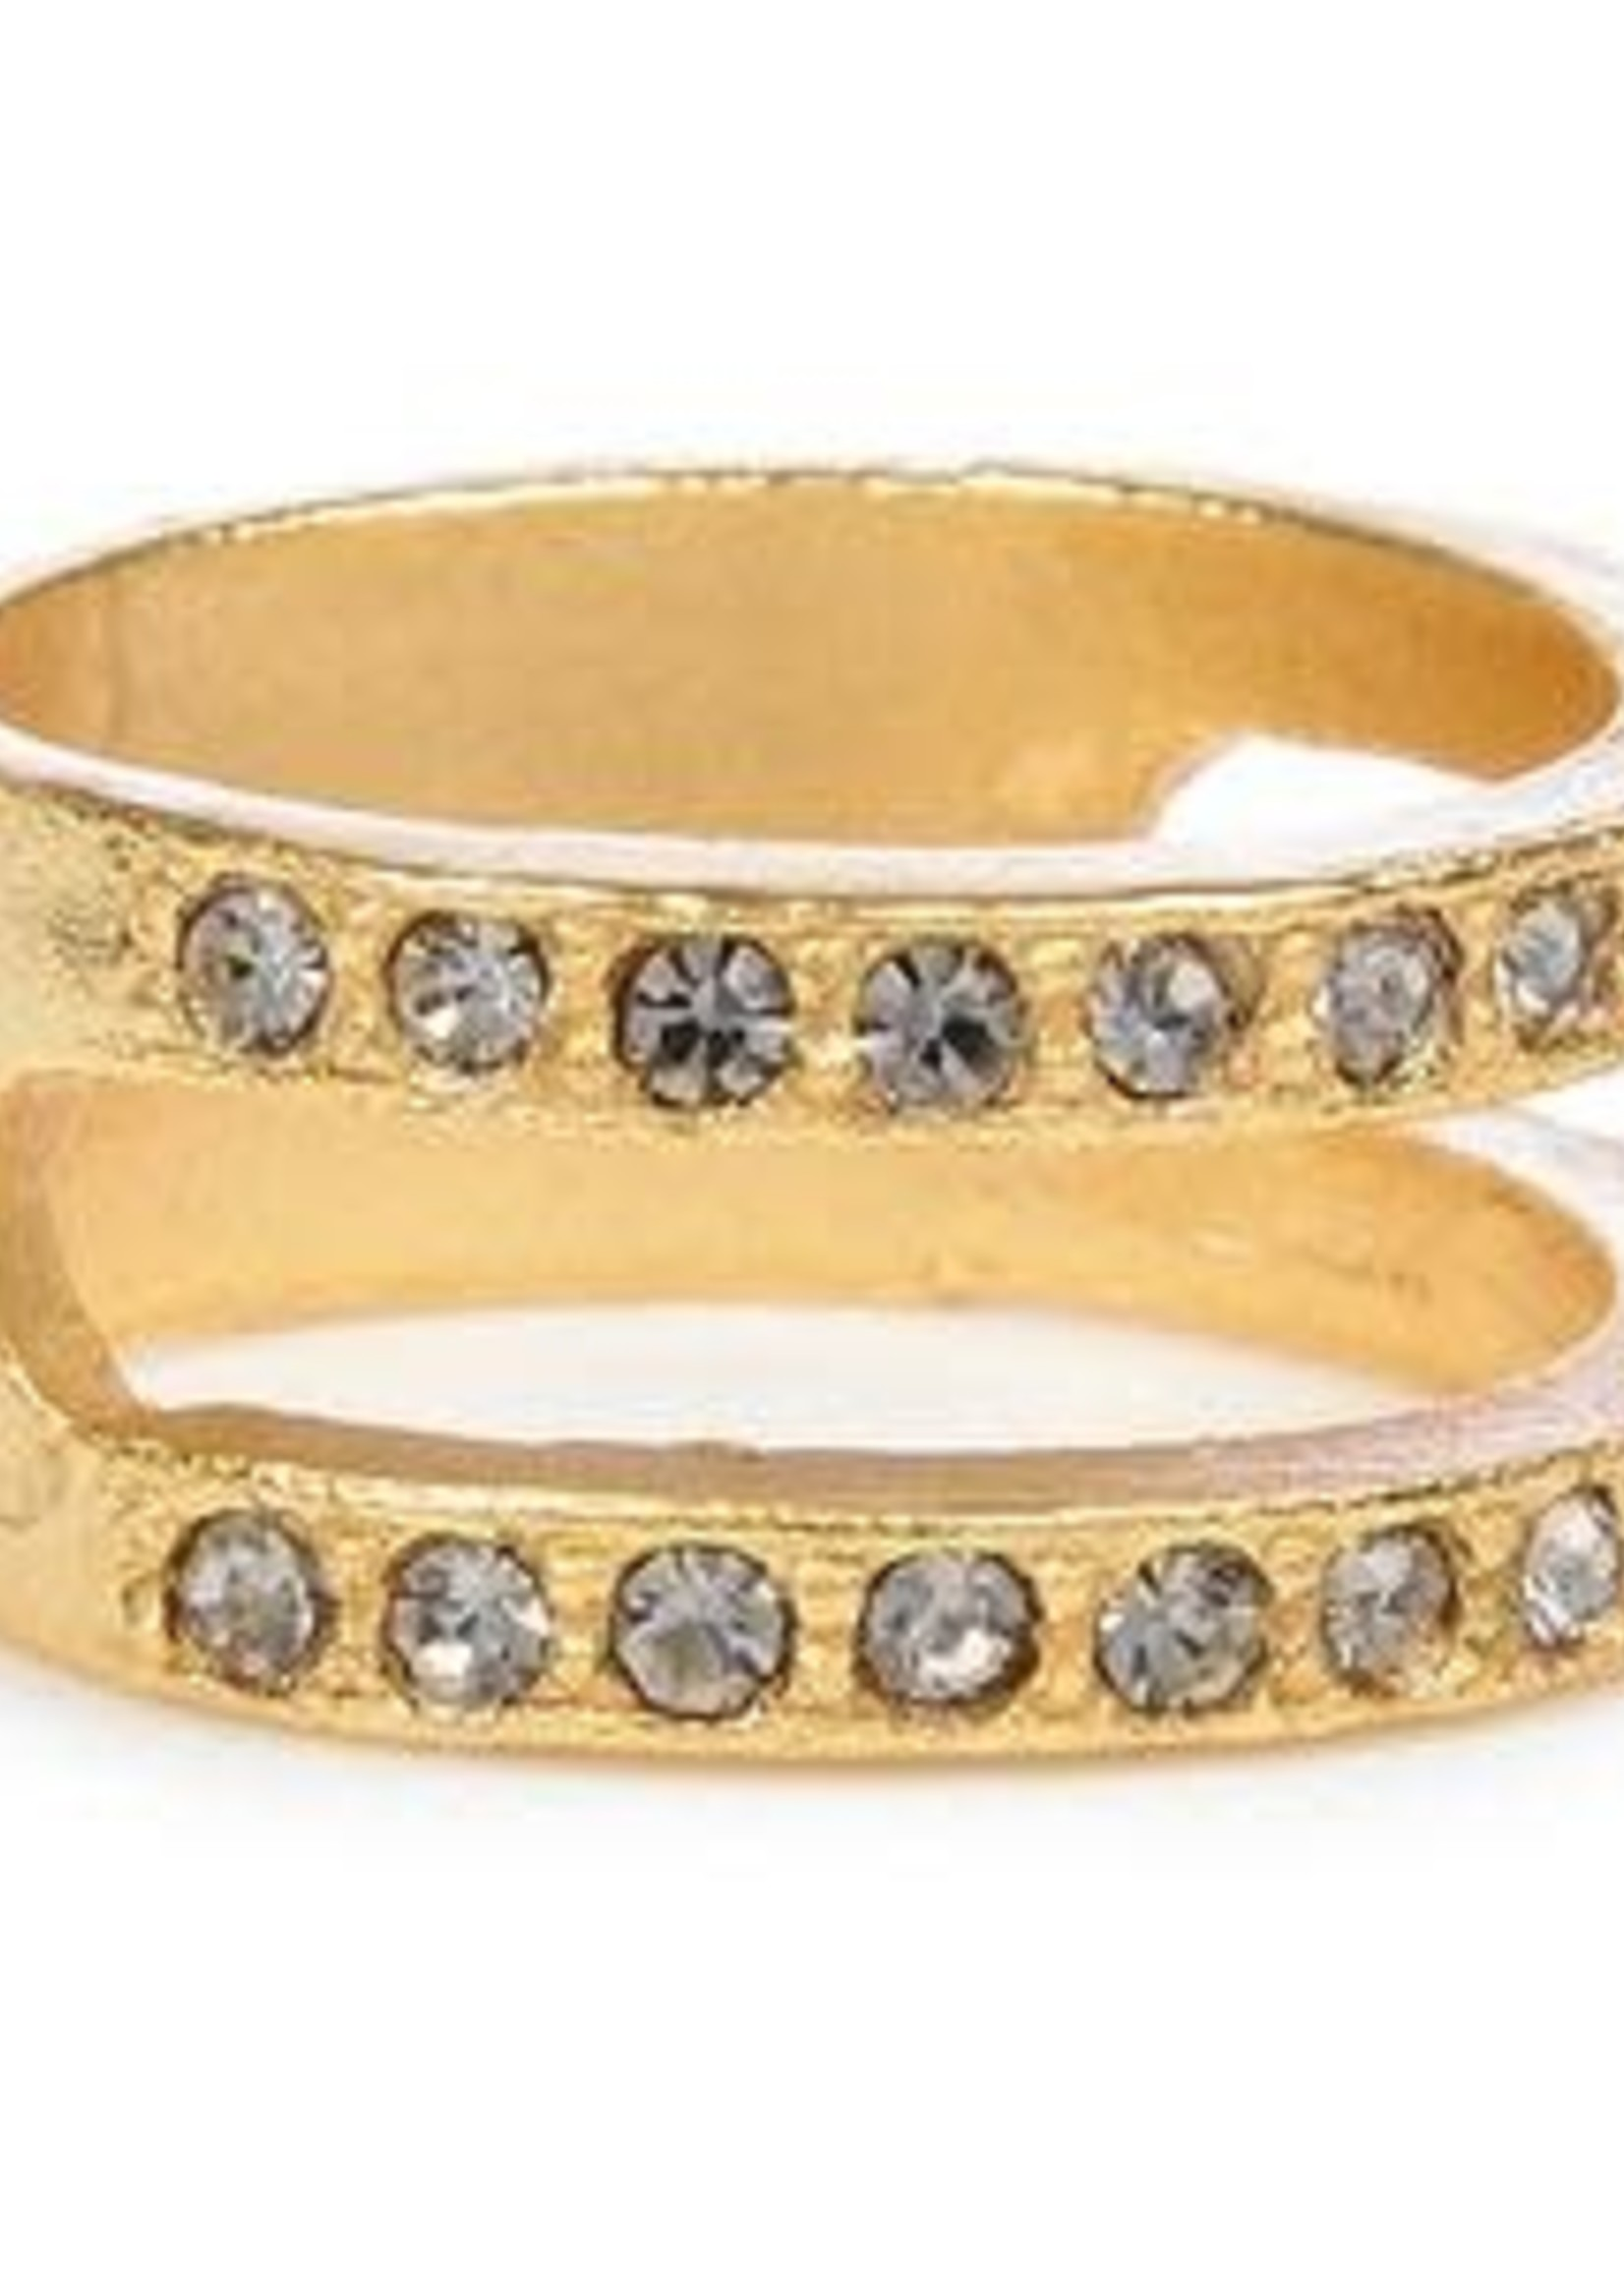 Rebel Designs Rebel - Gold Ring w/Crystals (RR1)